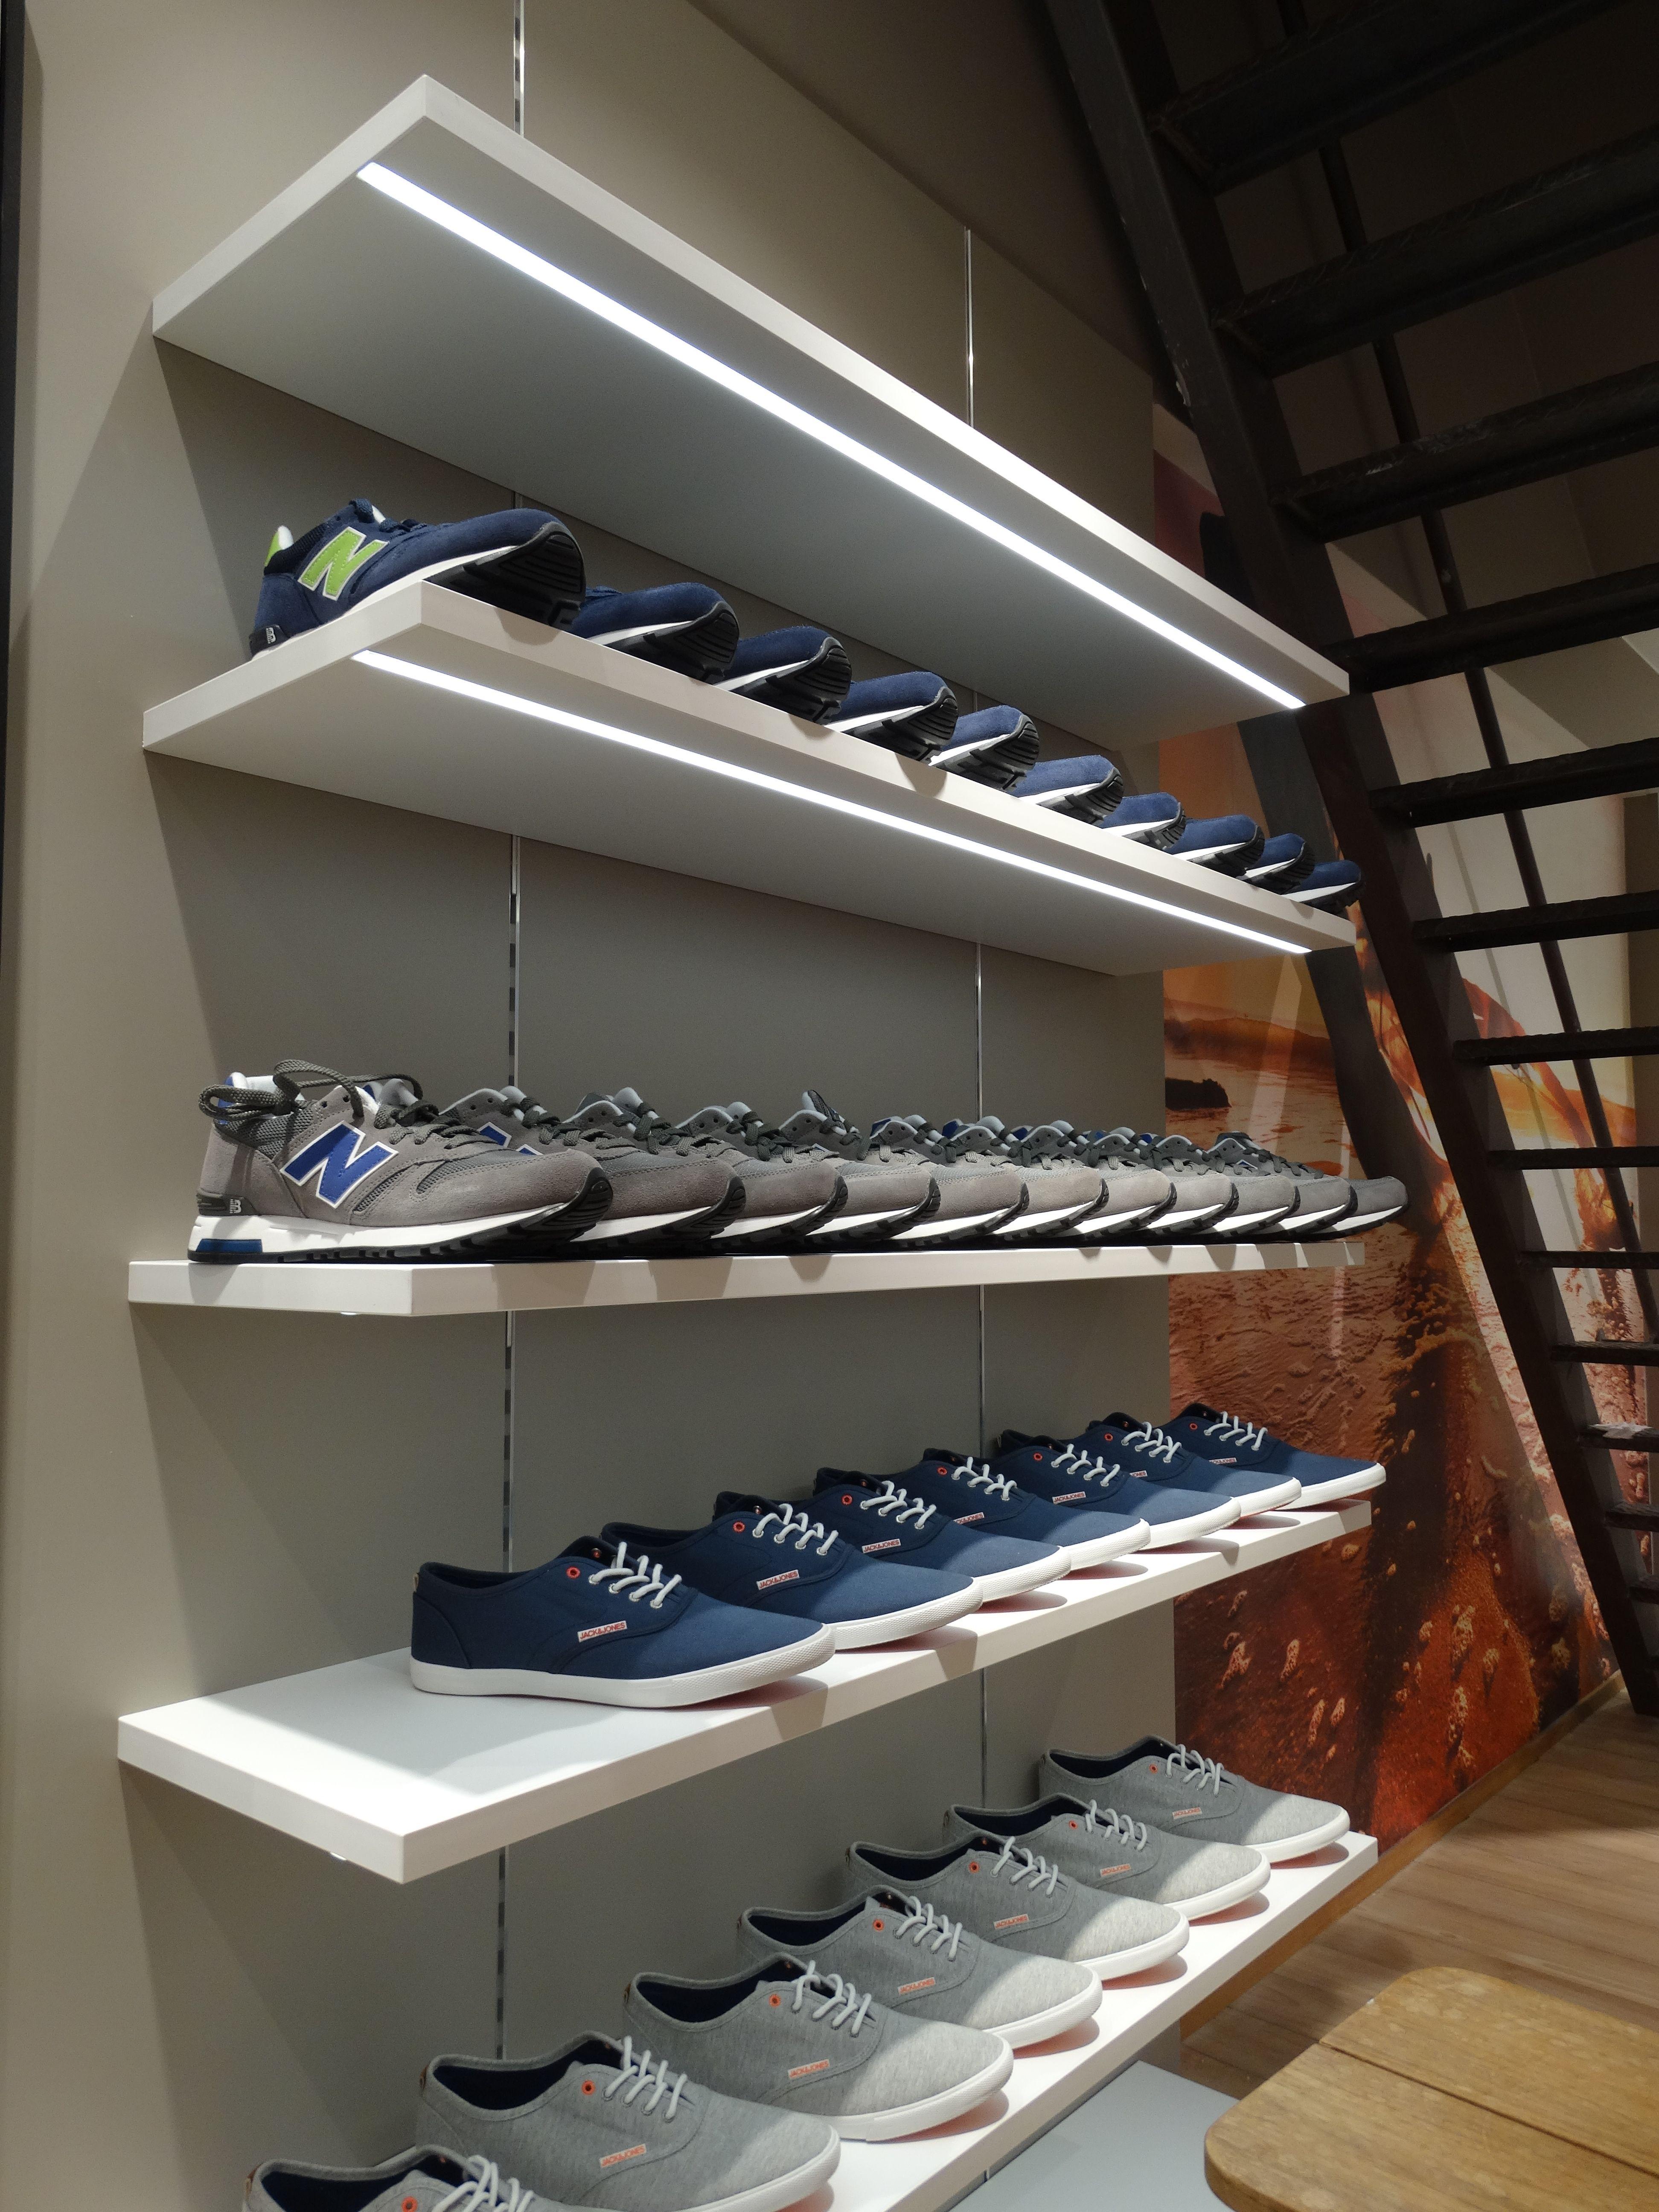 presentatie schoenen op #helbigeshelf #helbigbe #experience Inrichting door Dima, Ontwerp Luc Pratz